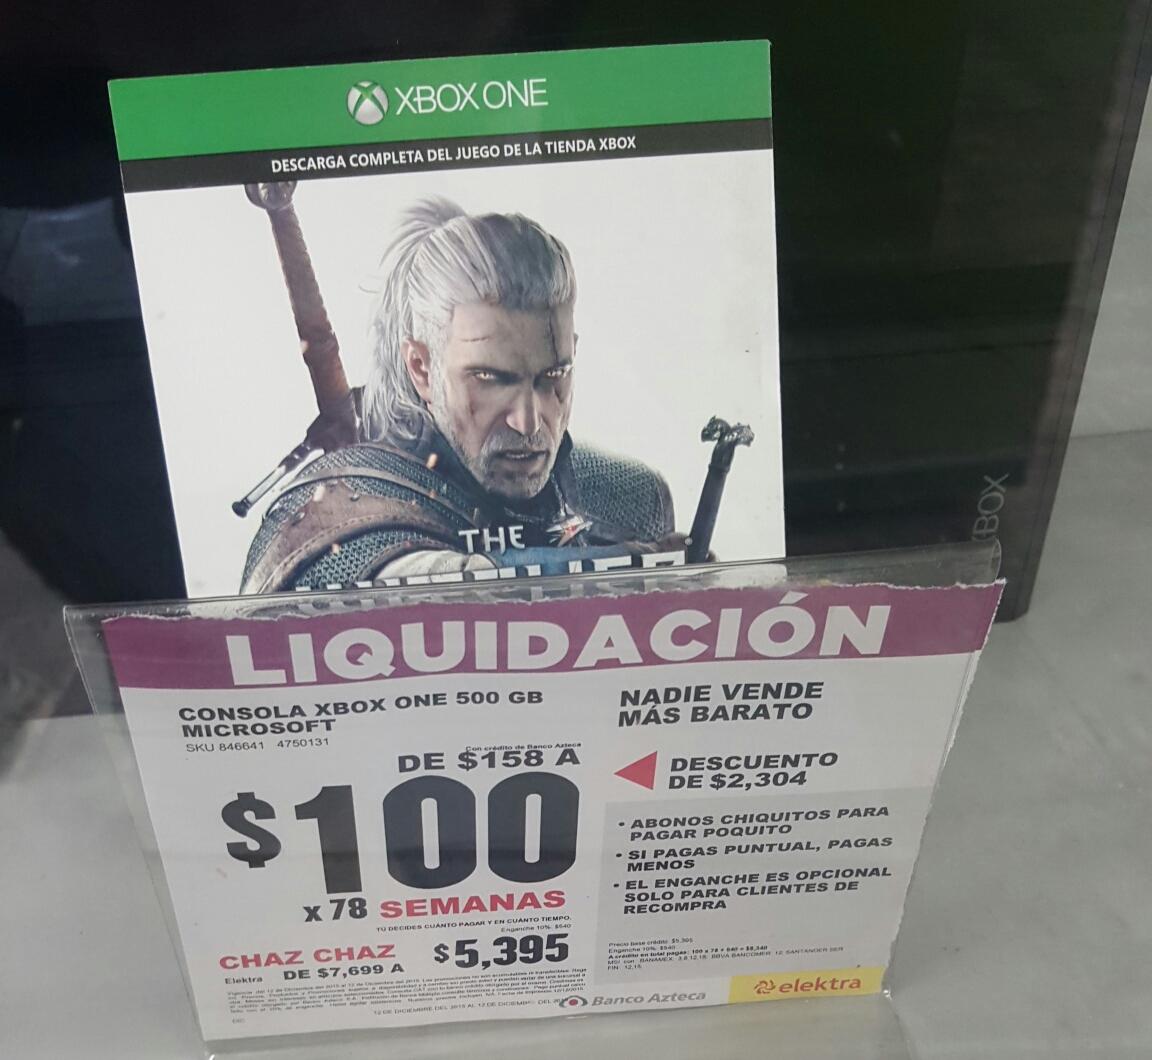 Elektra Veracruz (suc centro 5 de mayo) Xbox one 500gb con the Witcher, diadema y control.